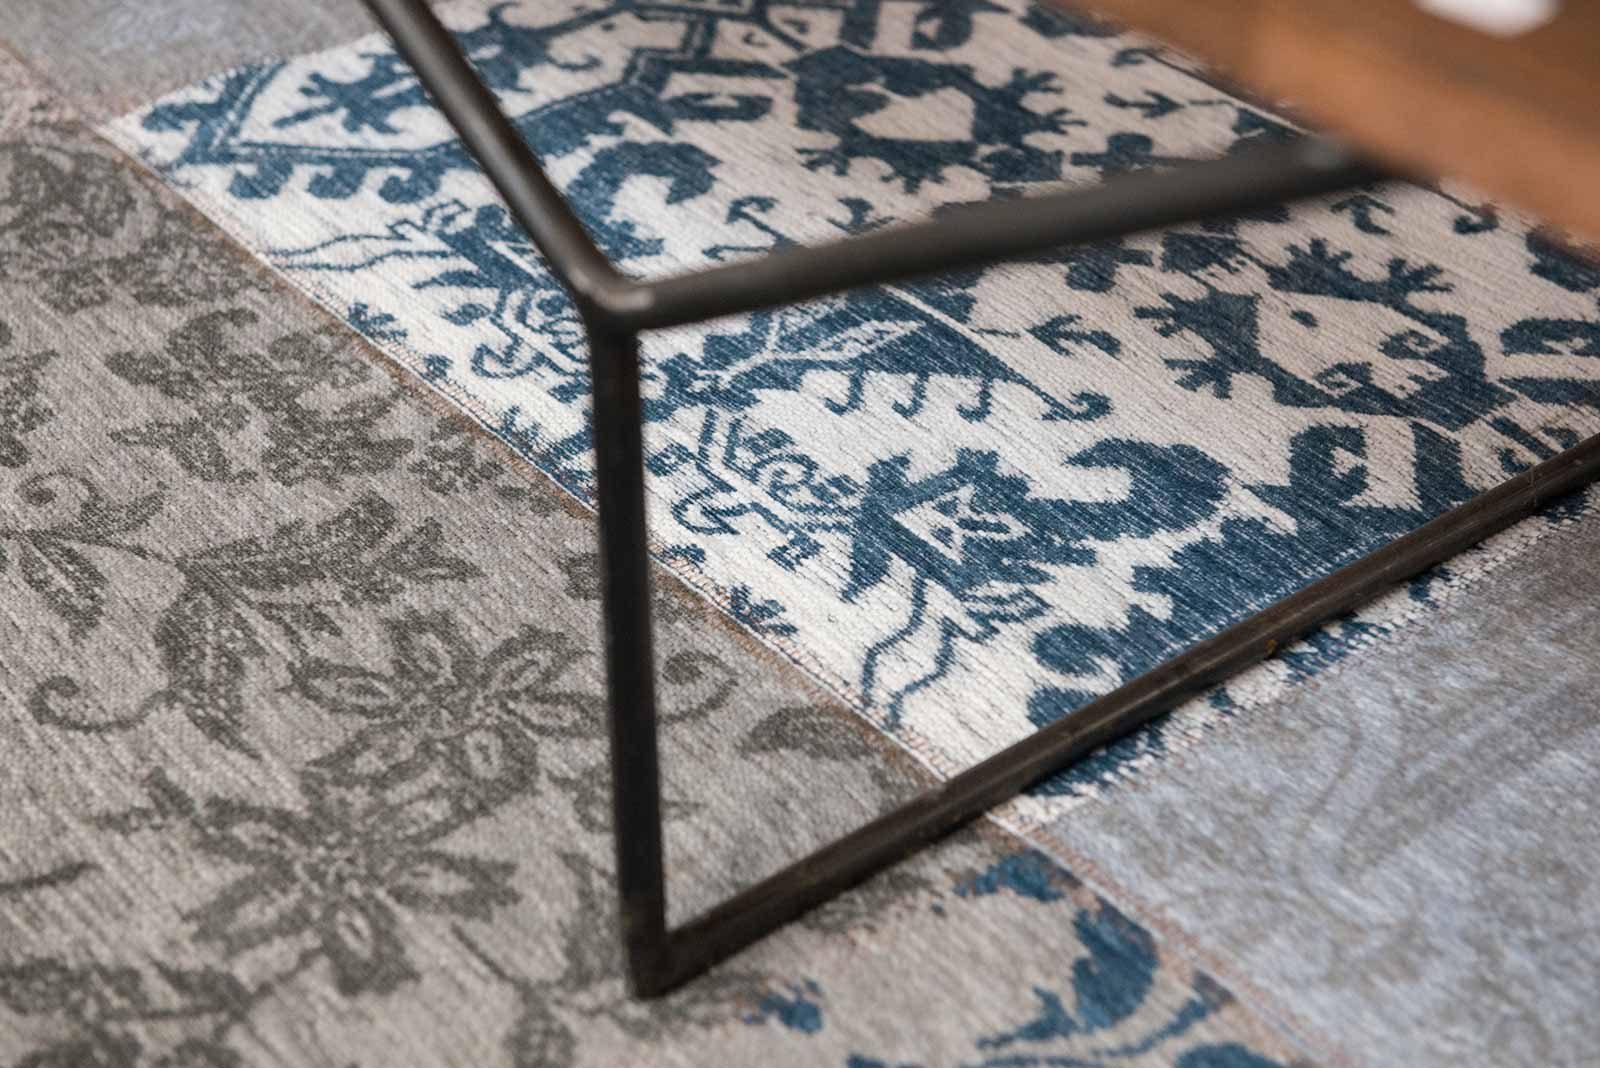 vloerkleed Louis De Poortere LX8981 Vintage Bruges Blue zoom 1